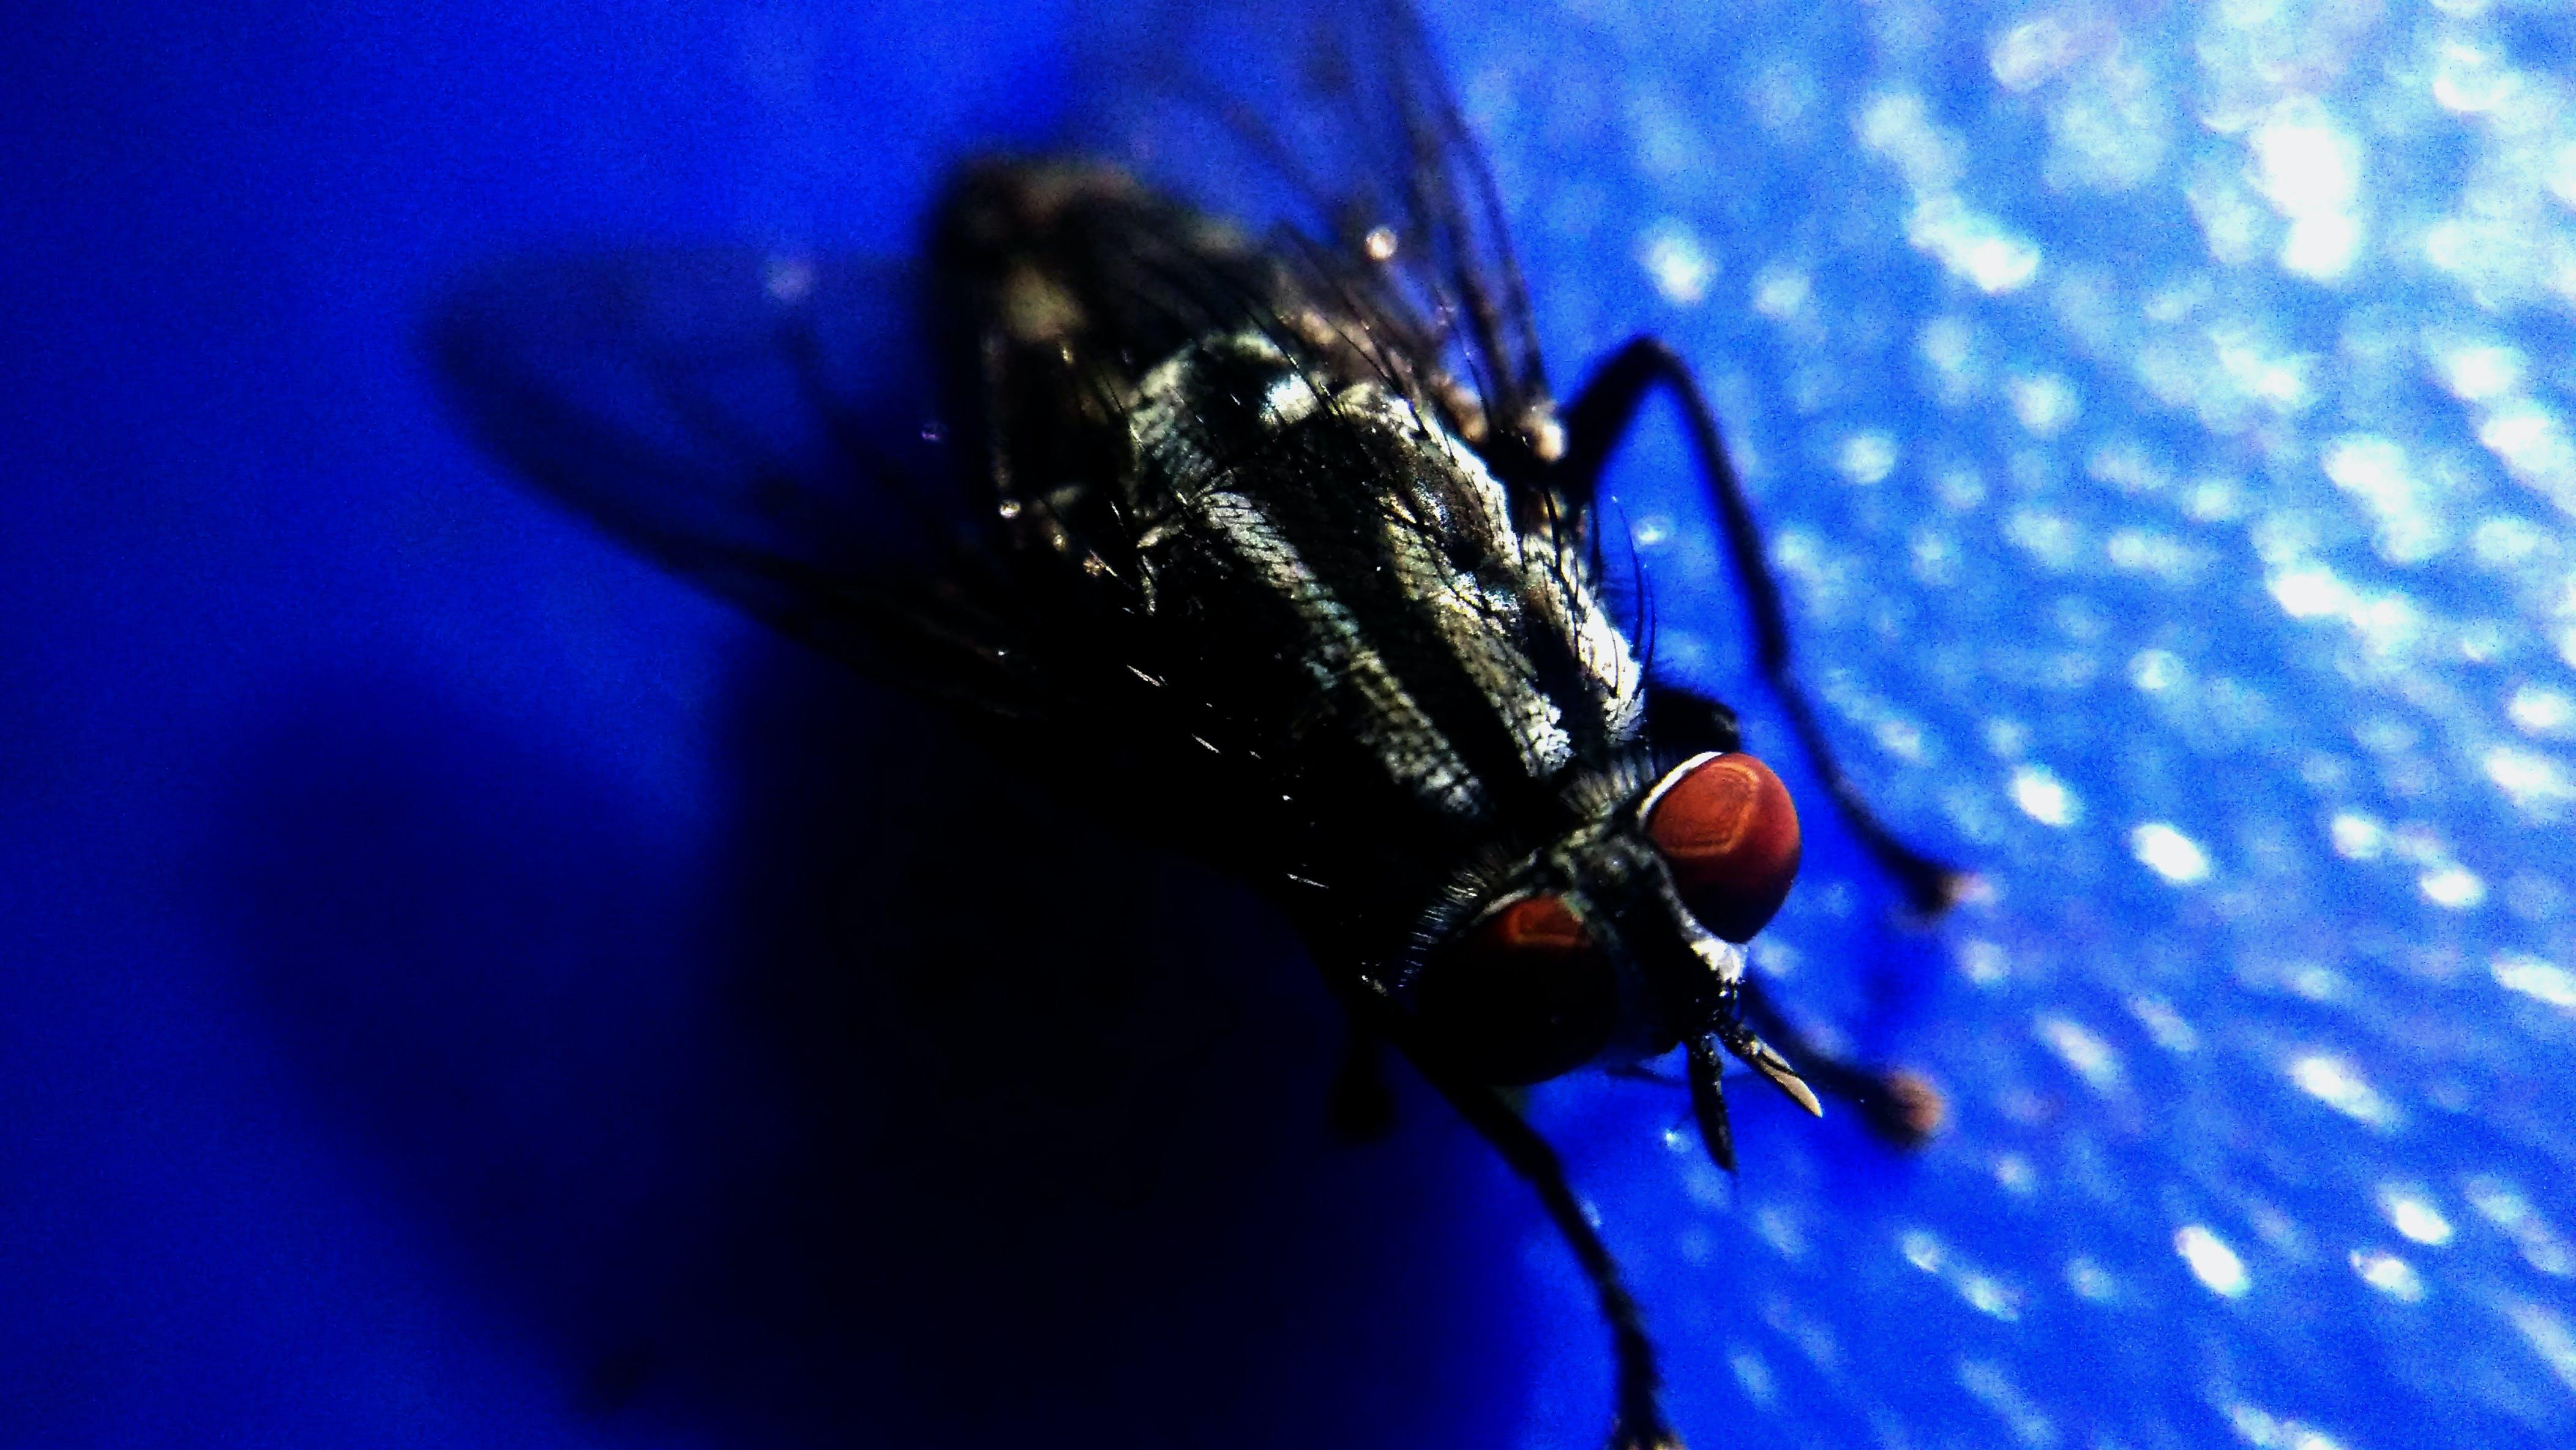 Free stock photo of fly, macro, macro photography